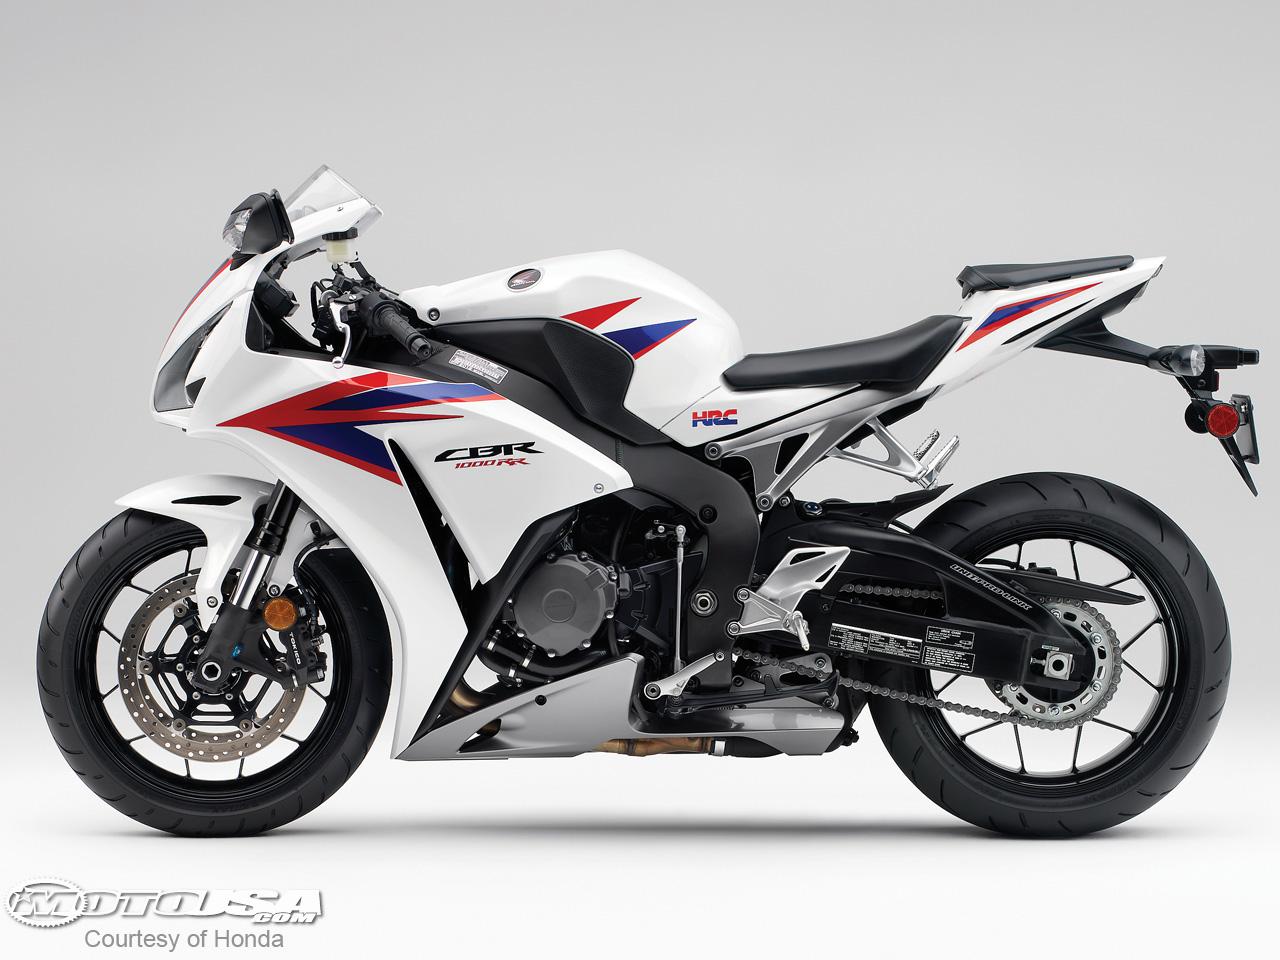 【本田cbr1000rr摩托车图片】本田摩托车图片大全 机车网